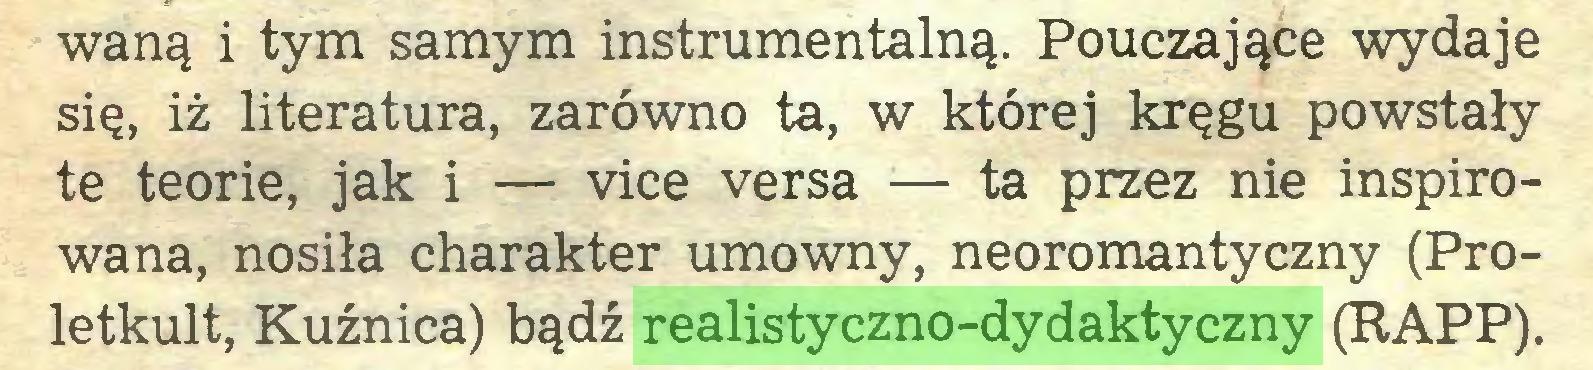 (...) waną i tym samym instrumentalną. Pouczające wydaje się, iż literatura, zarówno ta, w której kręgu powstały te teorie, jak i — vice versa :— ta przez nie inspirowana, nosiła charakter umowny, neoromantyczny (Proletkult, Kuźnica) bądź realistyczno-dydaktyczny (RAPP)...